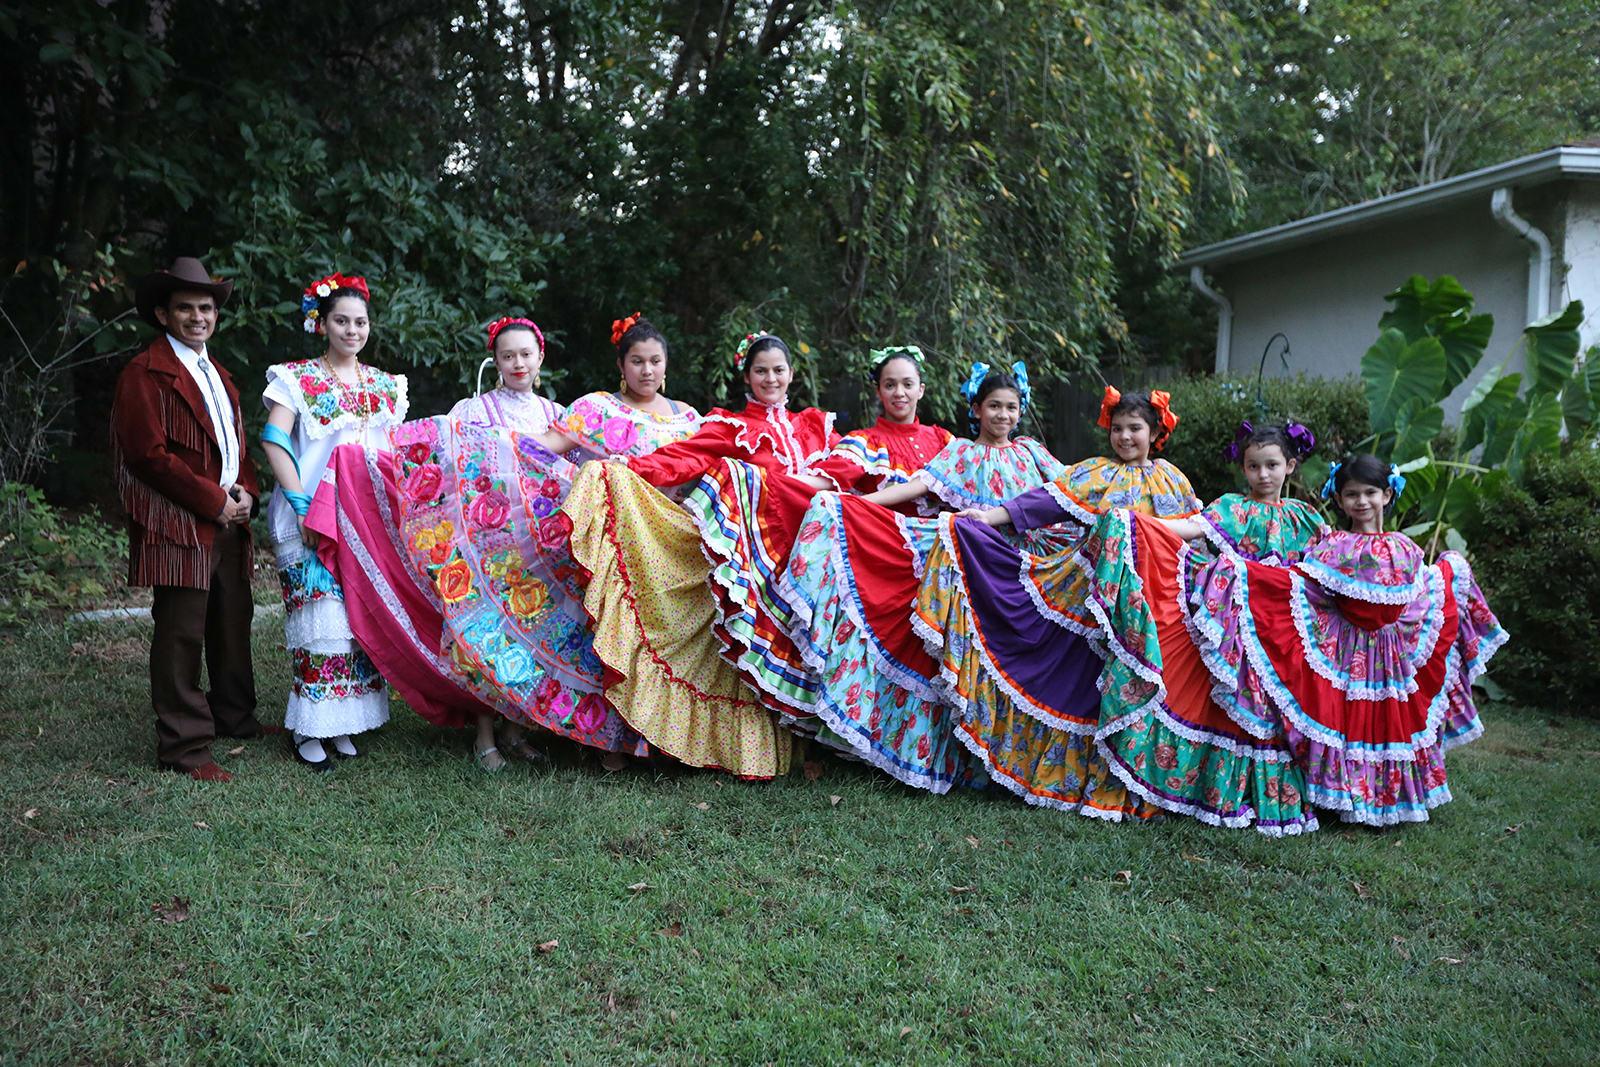 Alma Mexicana baila con devoción en Georgia las danzas folklóricas de México